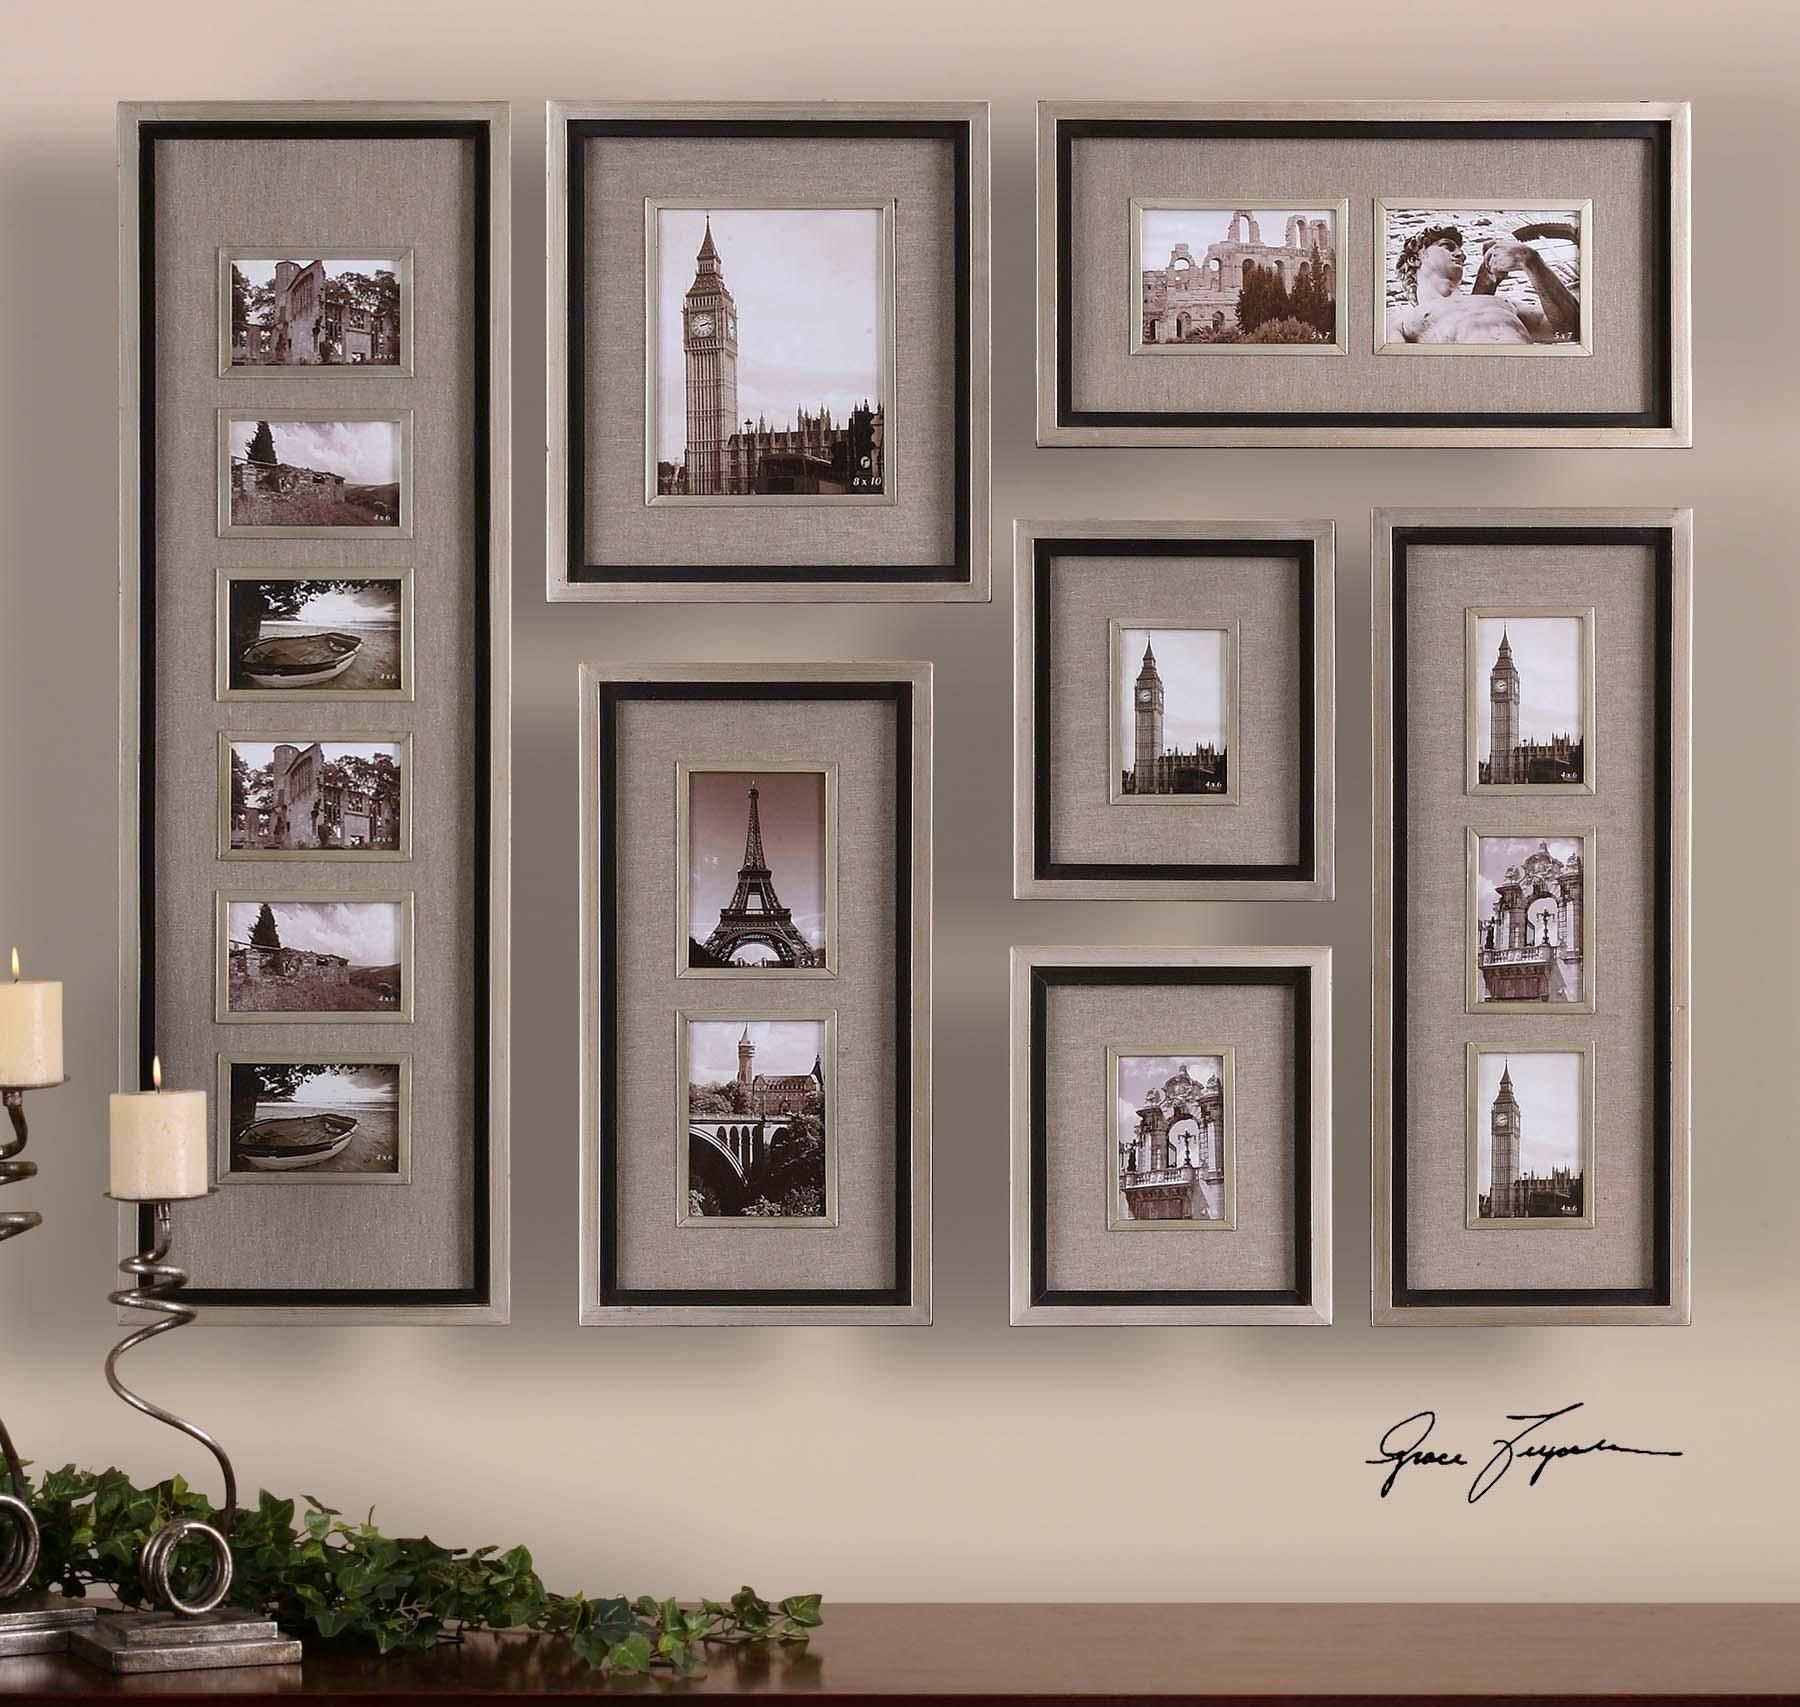 Оригинальное оформление стены фотографиями обнаружил